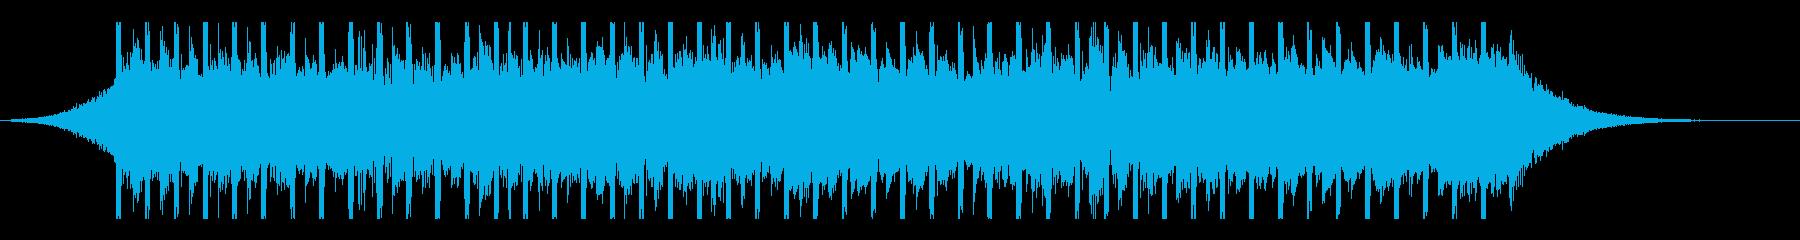 新しい戦略(30秒)の再生済みの波形